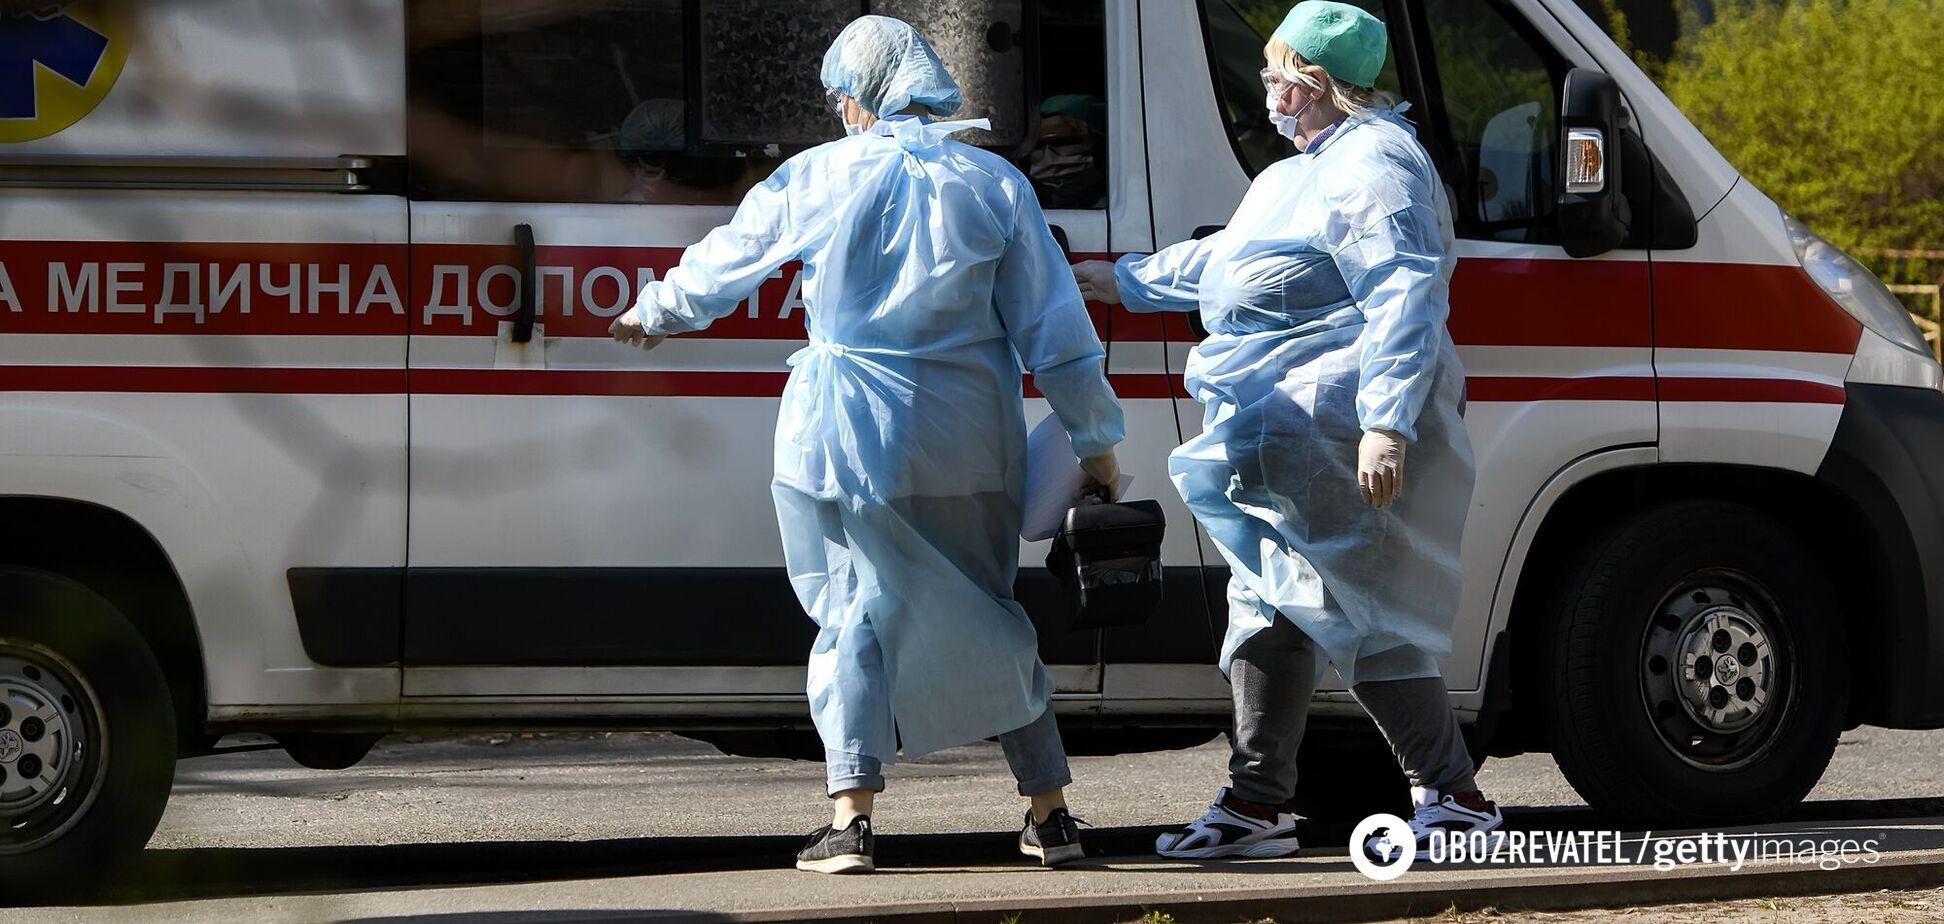 Тела будут лежать в приемных, – врач о росте в Украине числа заболевших COVID-19 до 20 тысяч за сутки